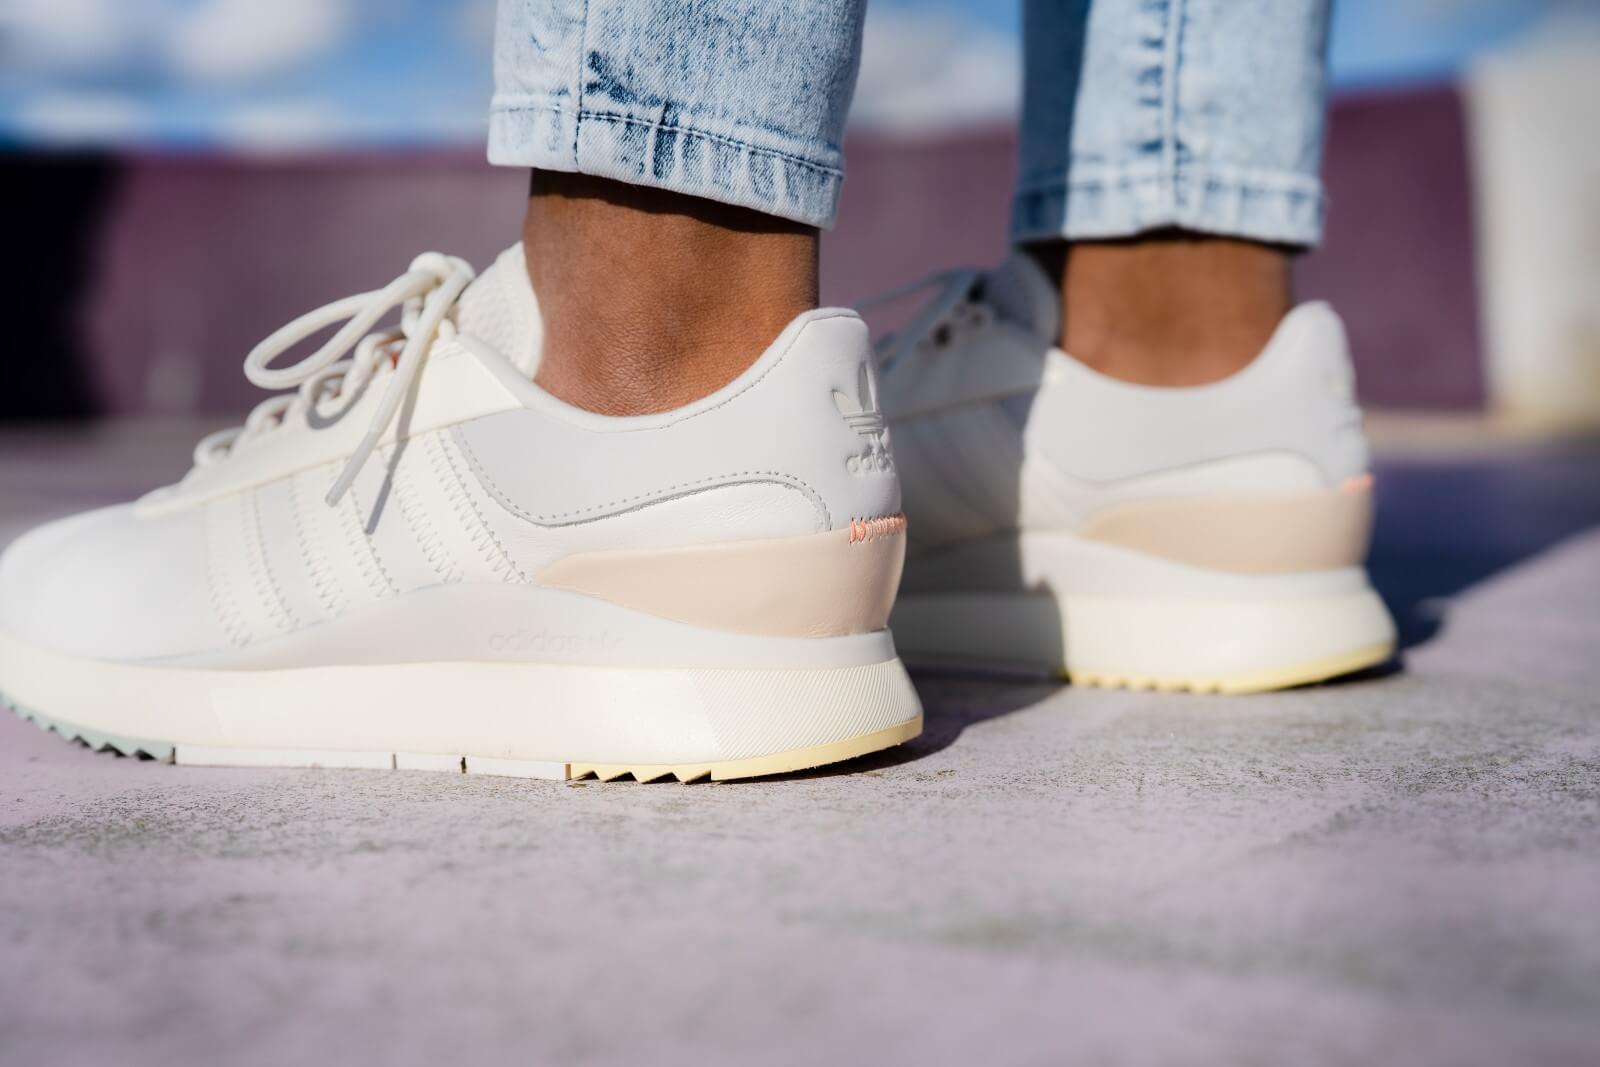 Adidas Women's SL Andridge Running White/Linen